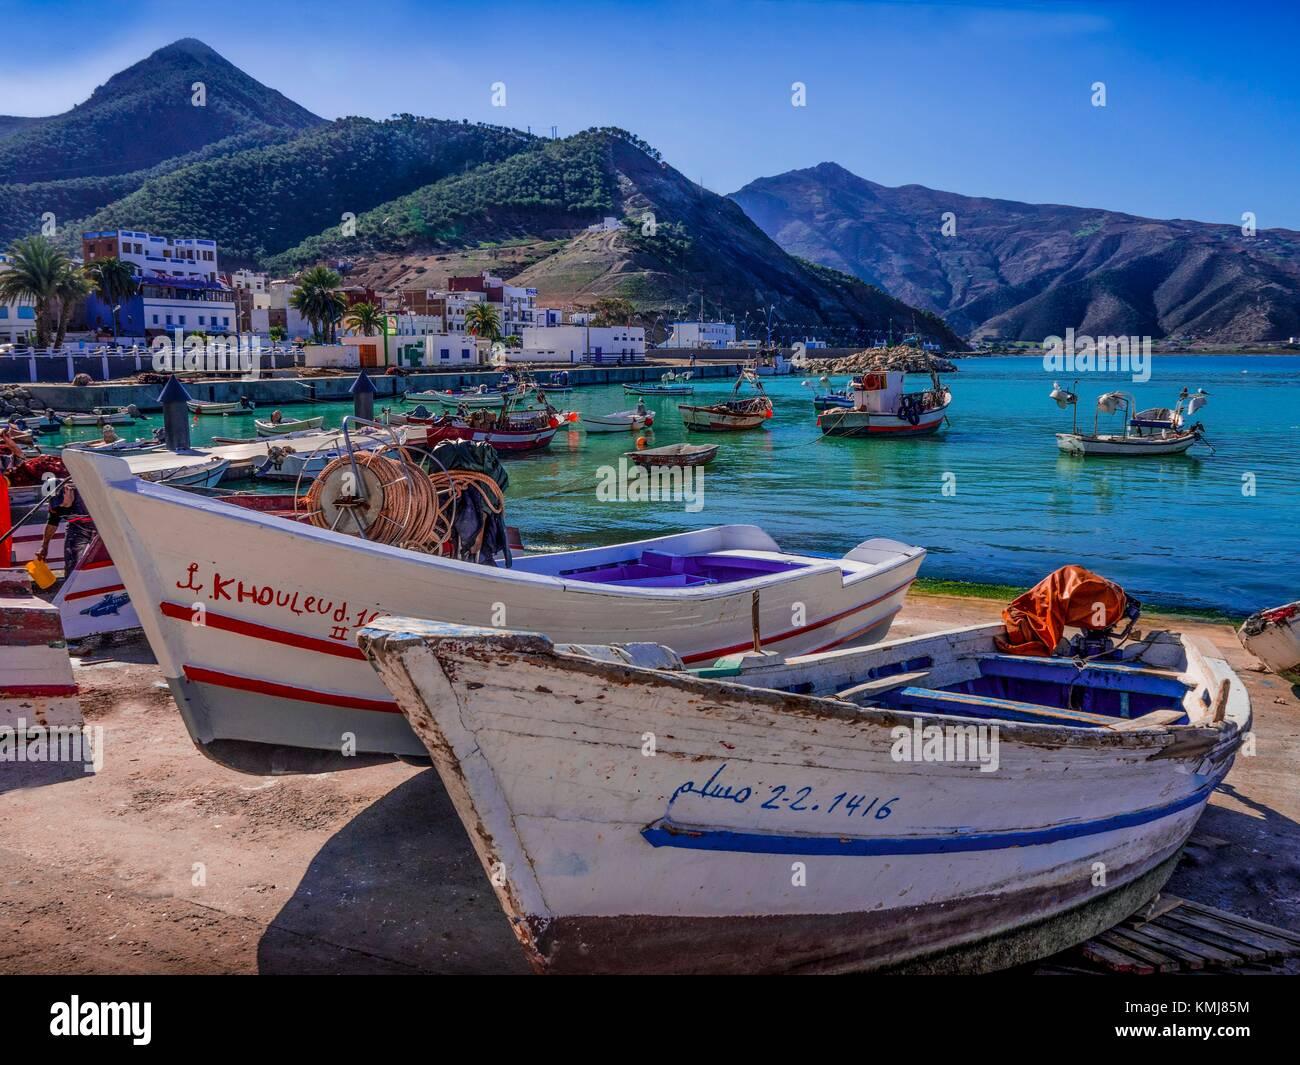 Le Maroc, Sheba, sur la côte méditerranéenne. Photo Stock